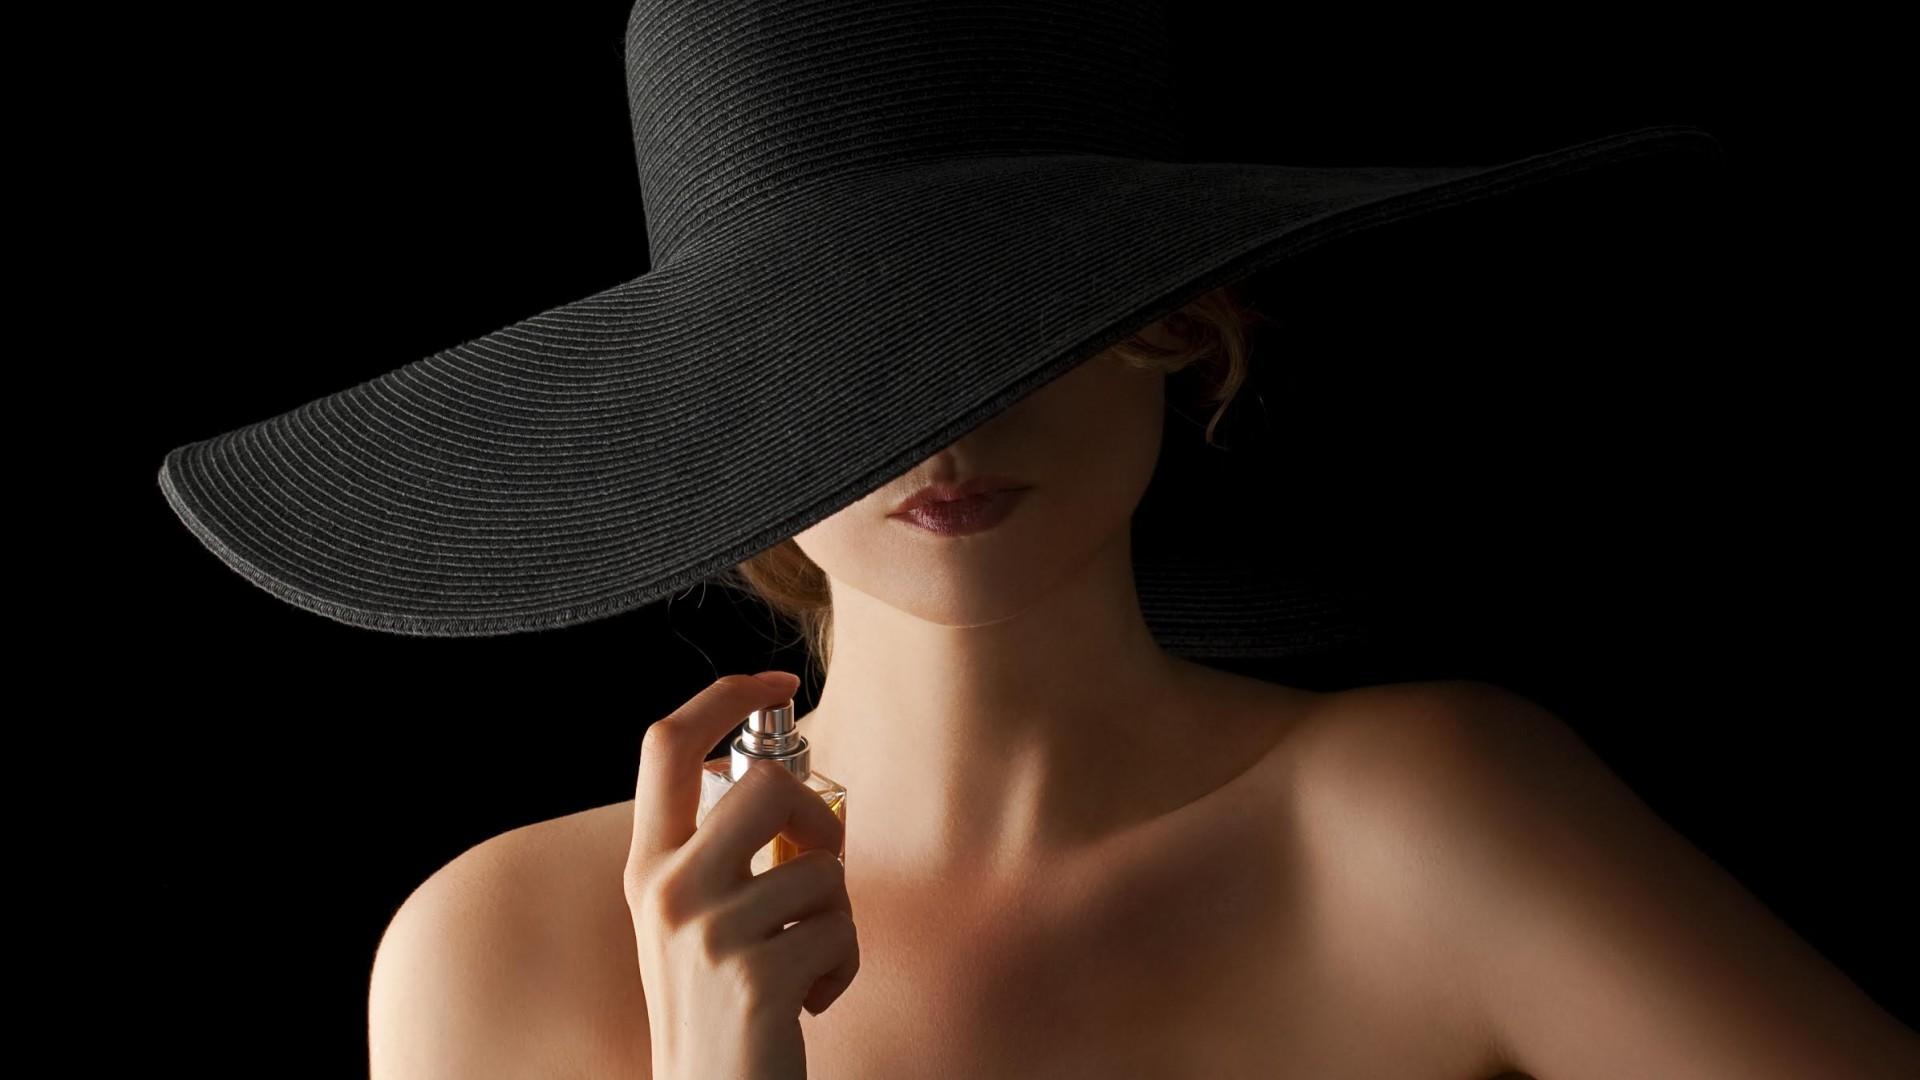 Parfum femme : comment bien choisir sans se tromper ?